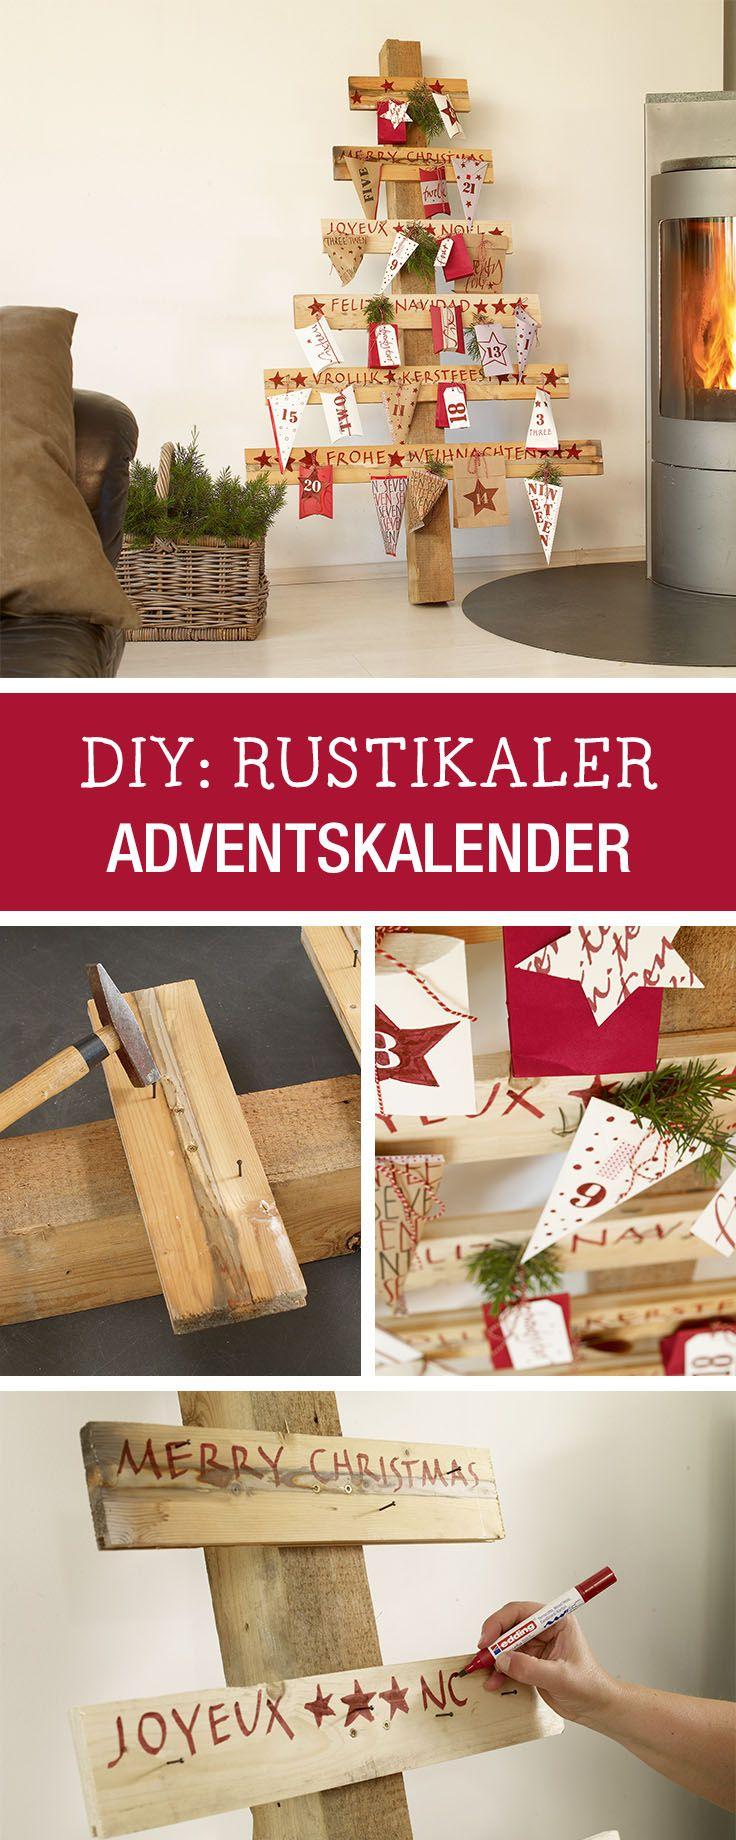 25 best ideas about adventskalender holz on pinterest. Black Bedroom Furniture Sets. Home Design Ideas